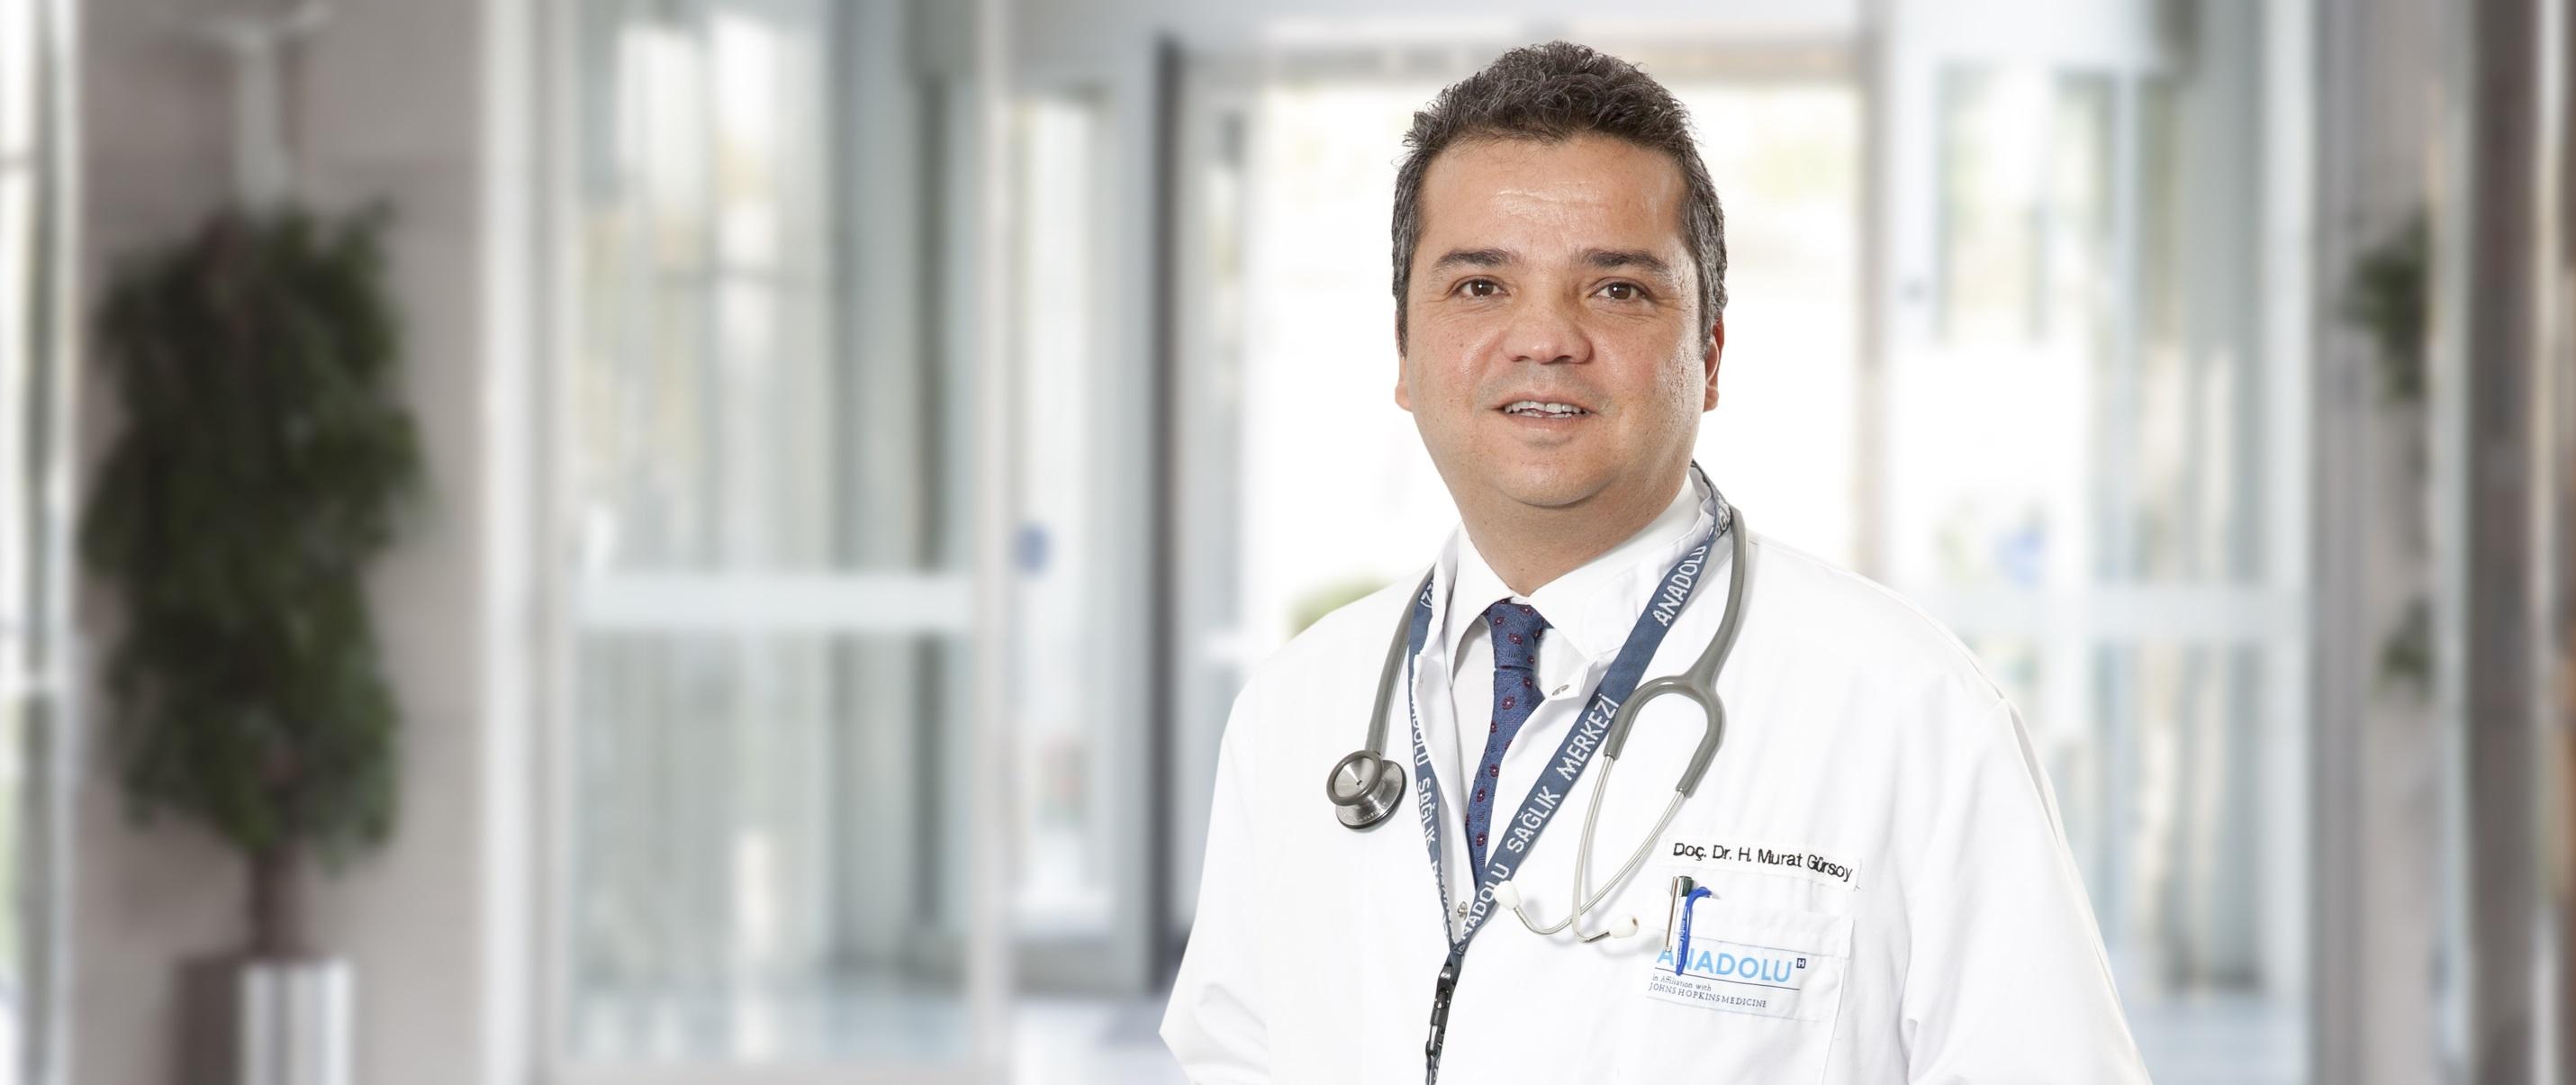 Х. Мурат Гюрсой — квалифицированная помощь в медицинском центре Anadolu